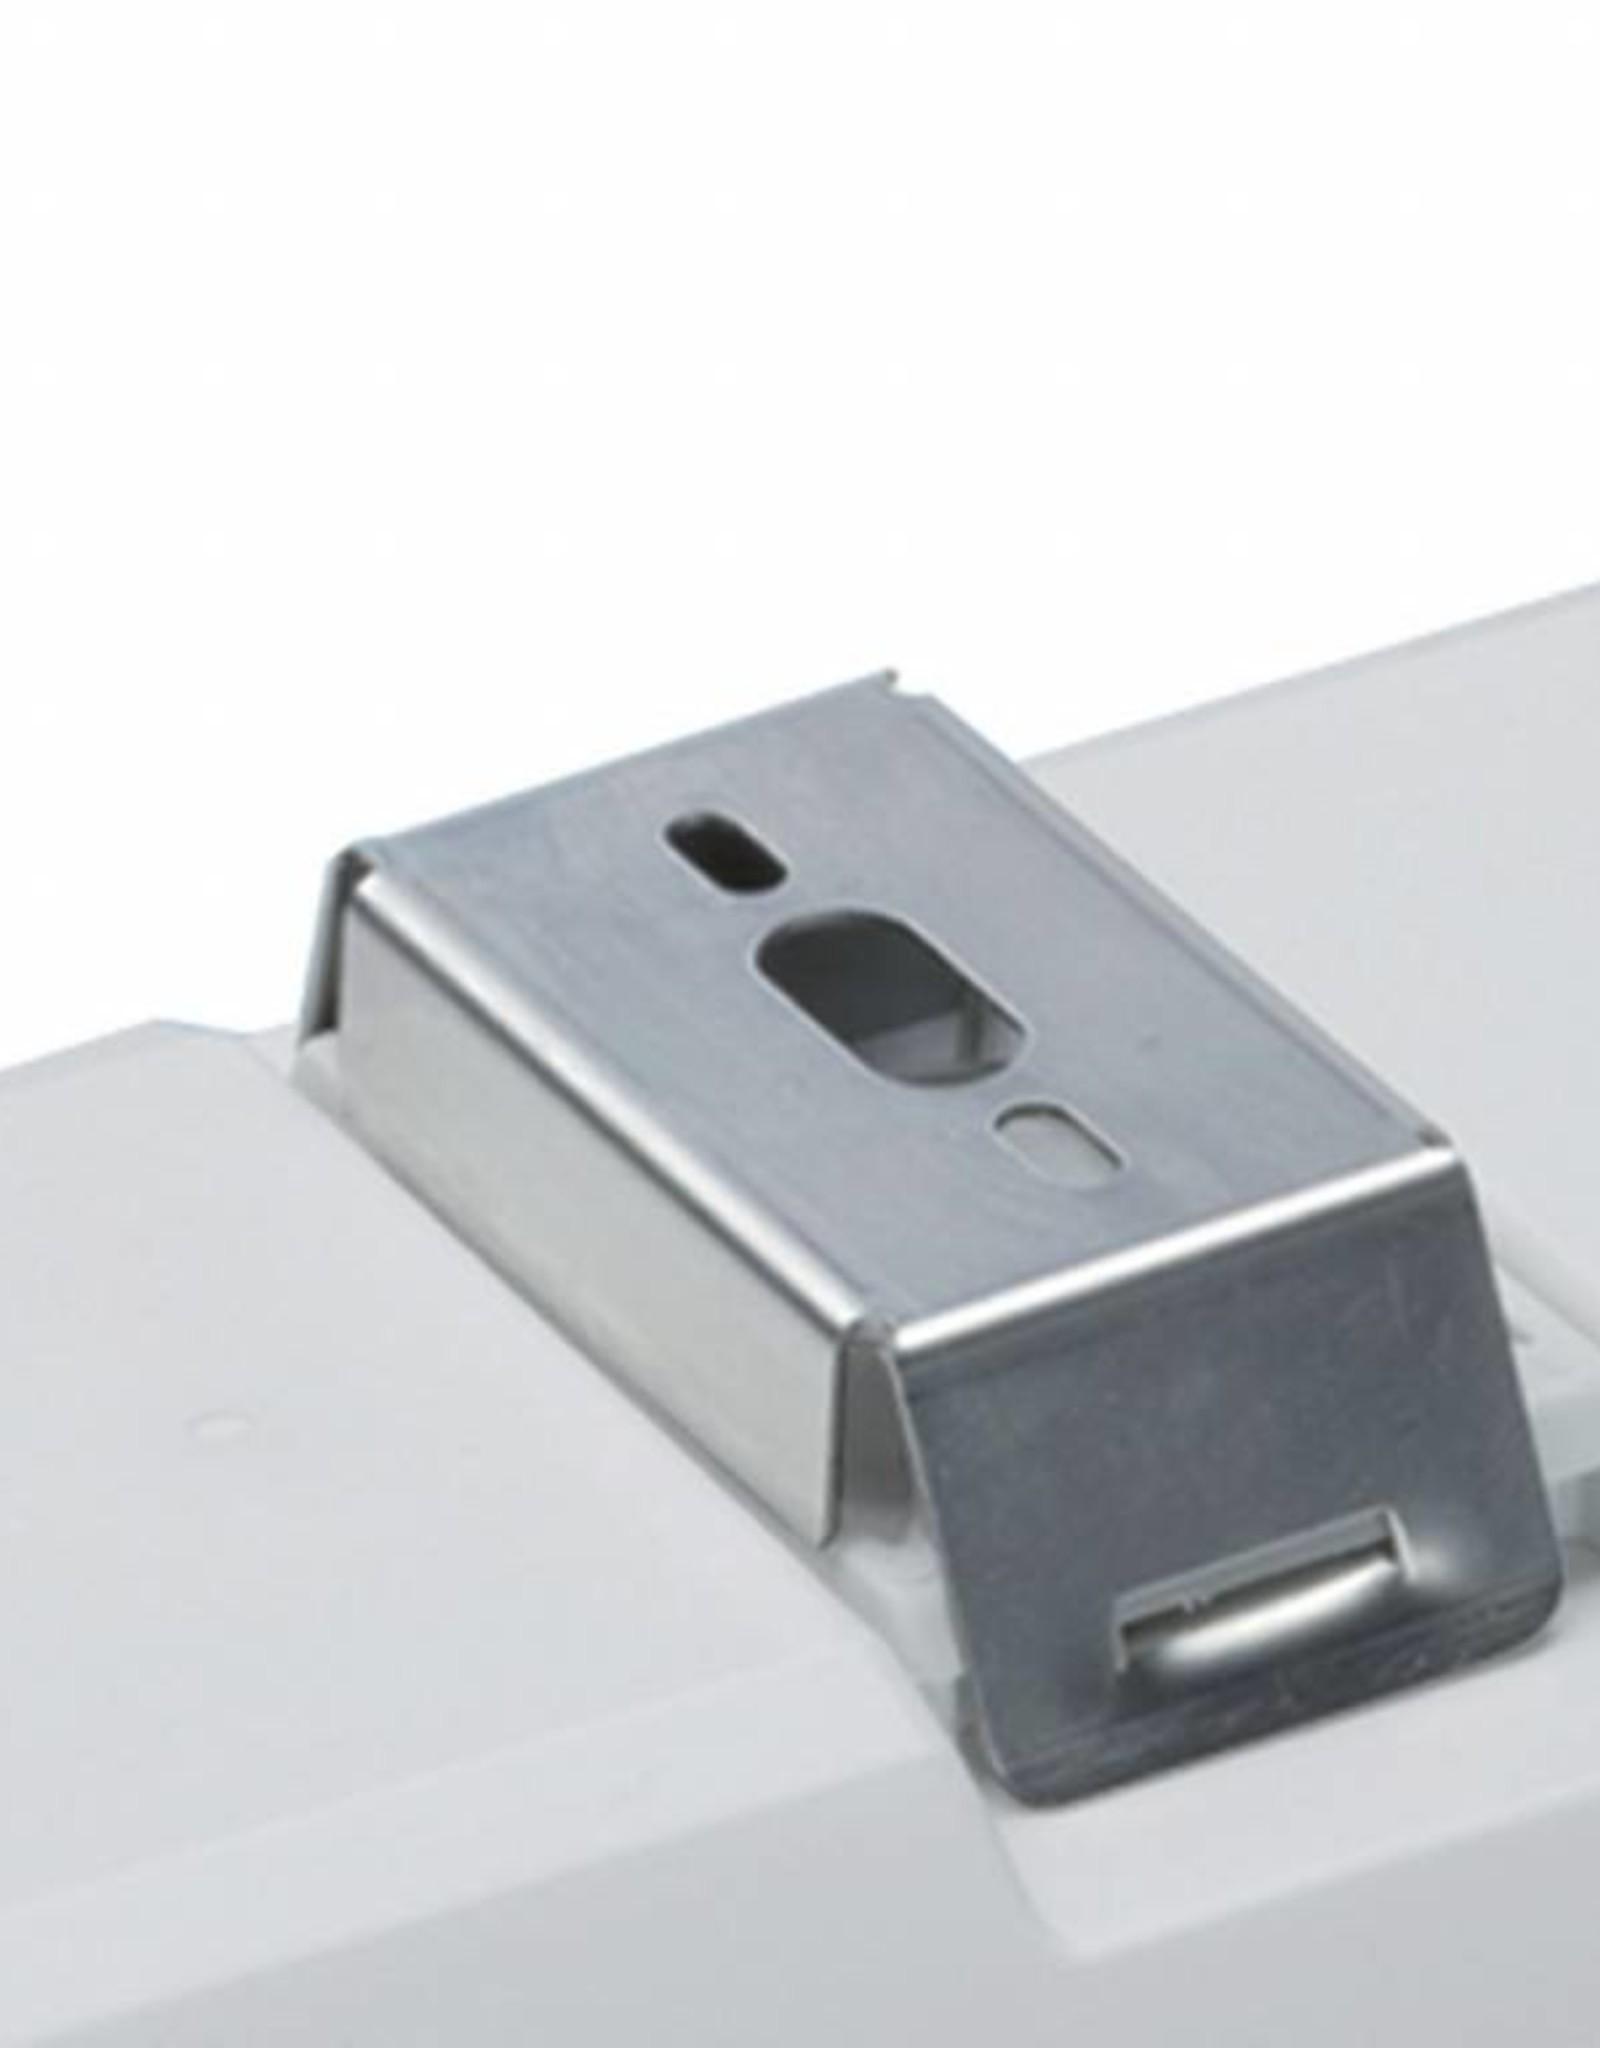 PRIMA FUTURA 2.5ft ABSc Al 8000/840 M1h